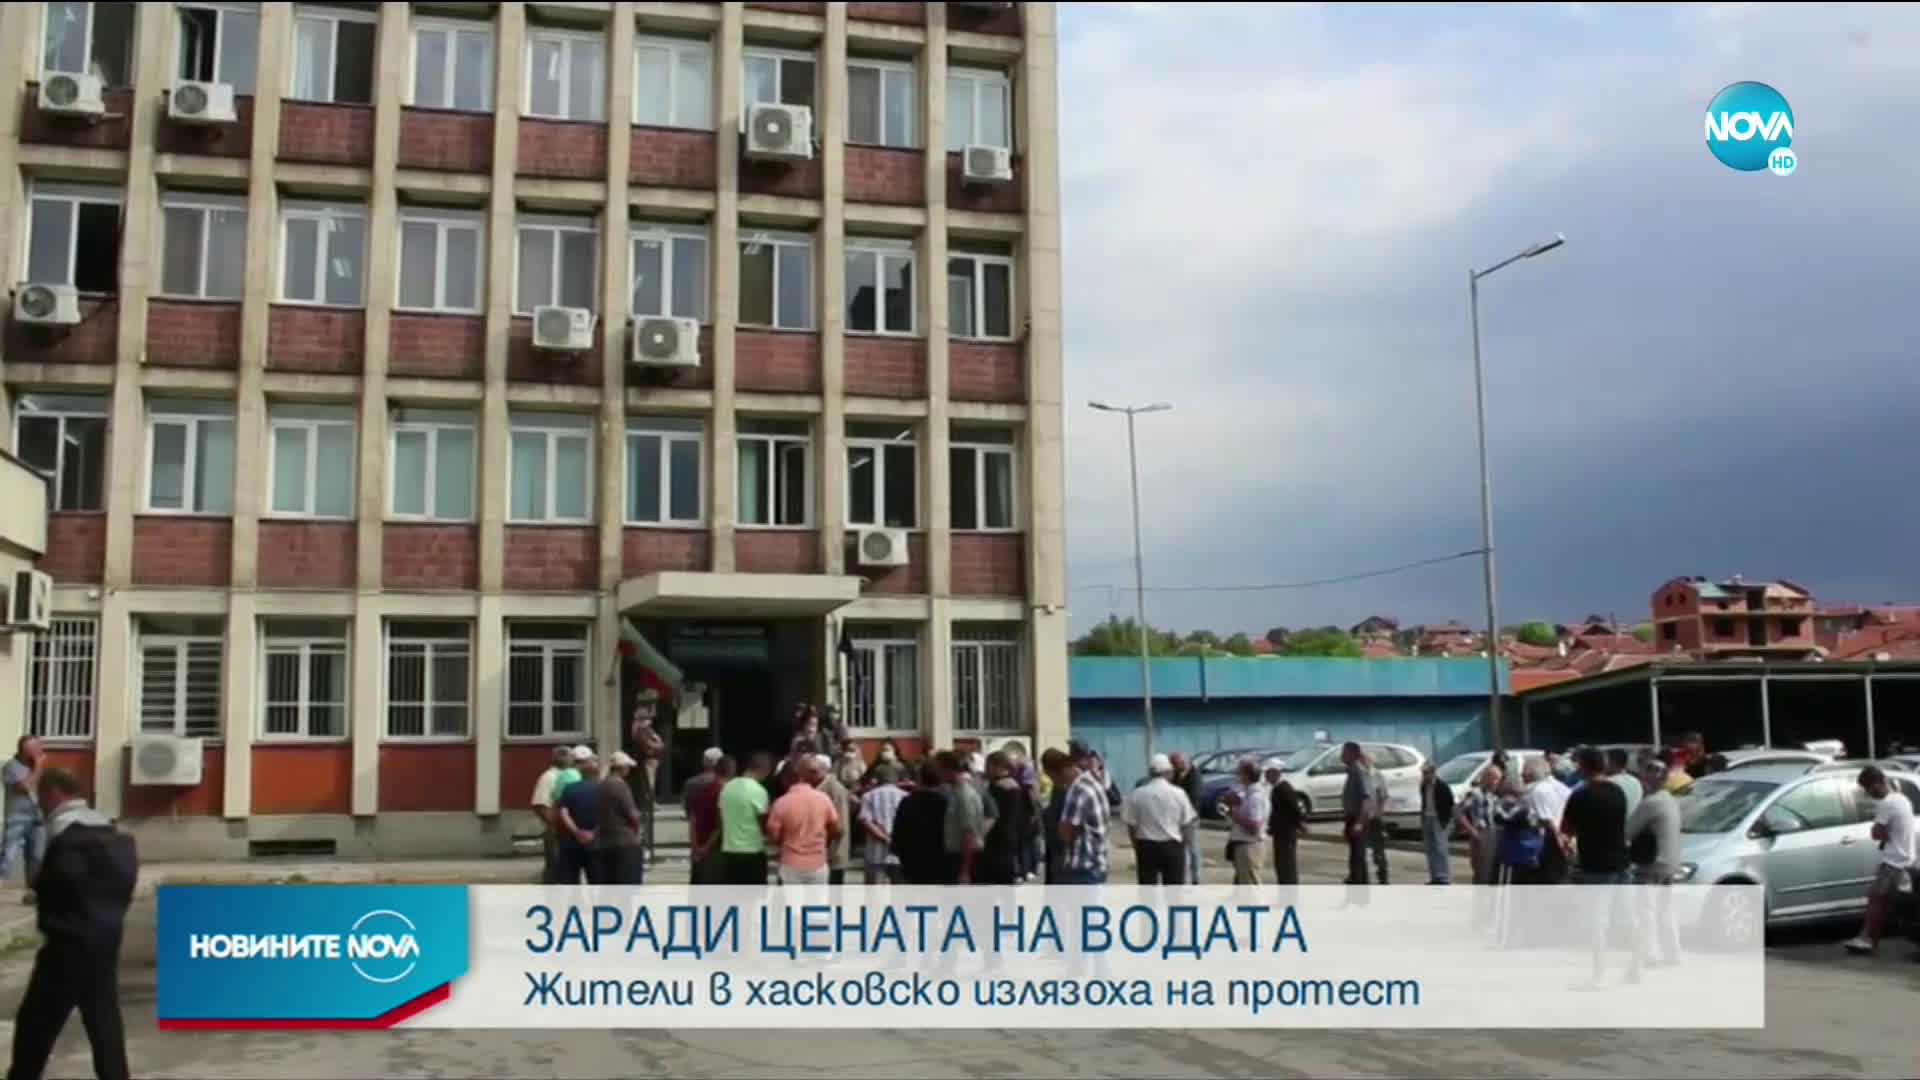 Петкратно увеличение на цената на водата в Хасковско изведе недоволни на протест